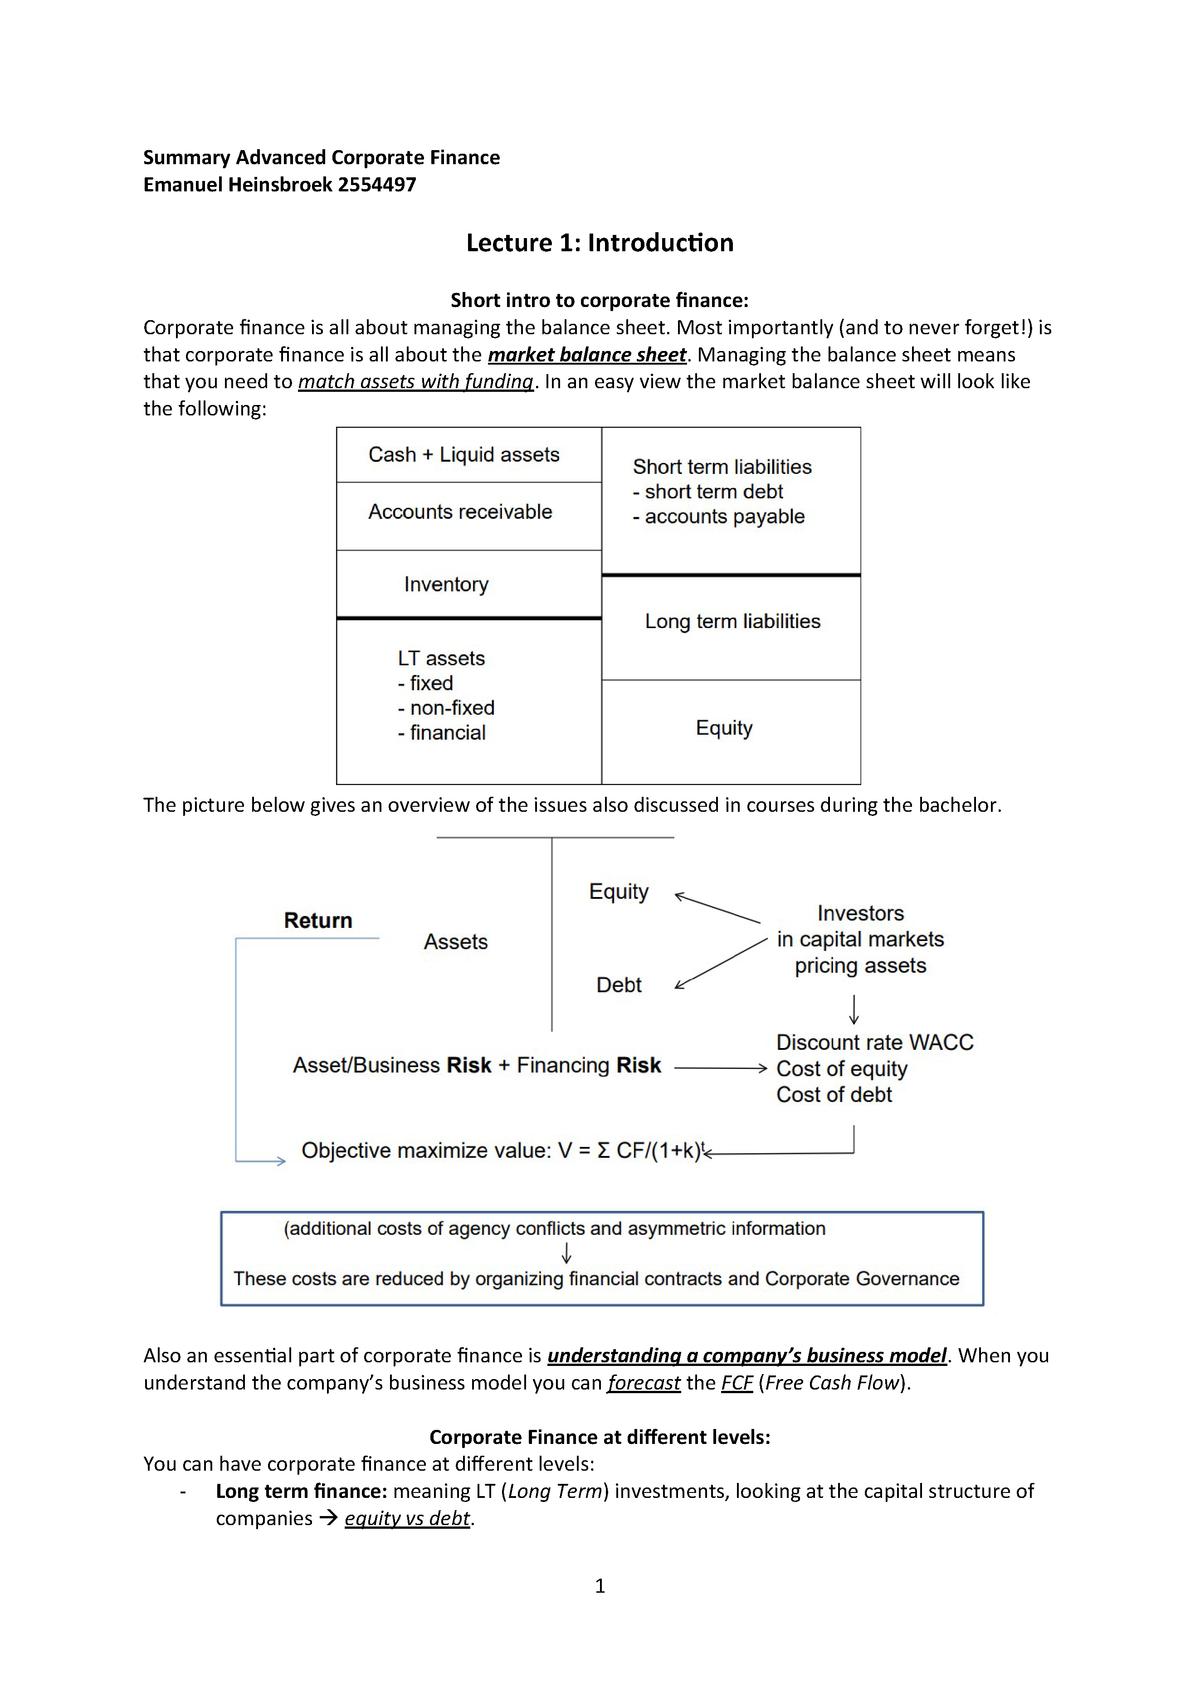 Summary Advanced Corporate Finance Bewerken 2 Studeersnel